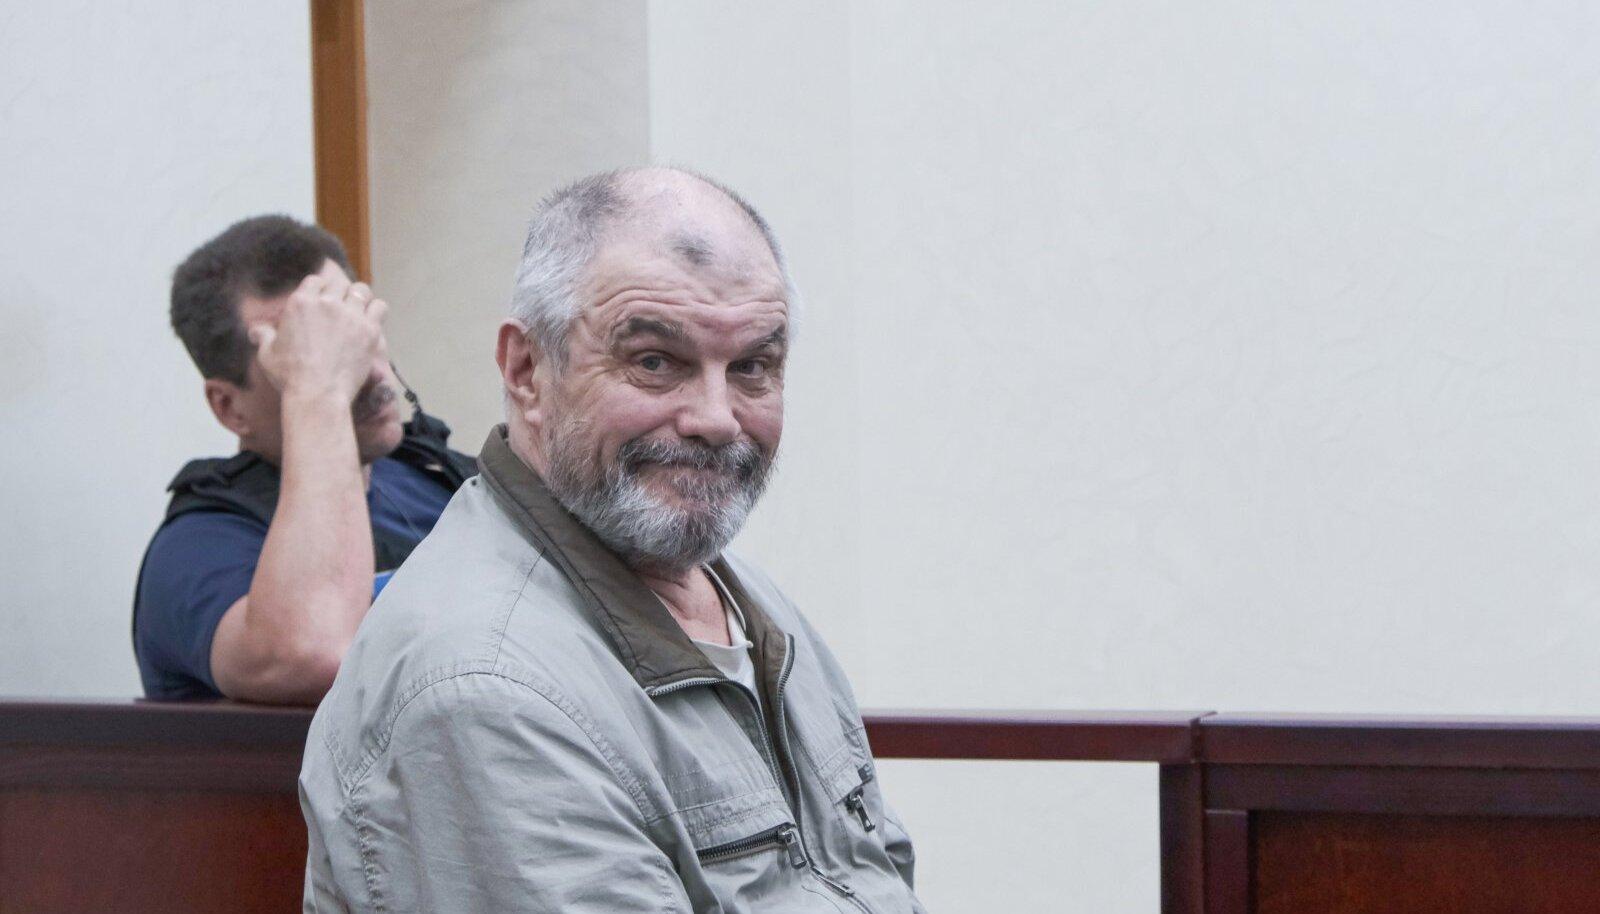 EVGENY EKIMENKO: Kohus mõistis küll süüdi, aga kannatanu ütleb, et süüdi Evgeny ei ole.